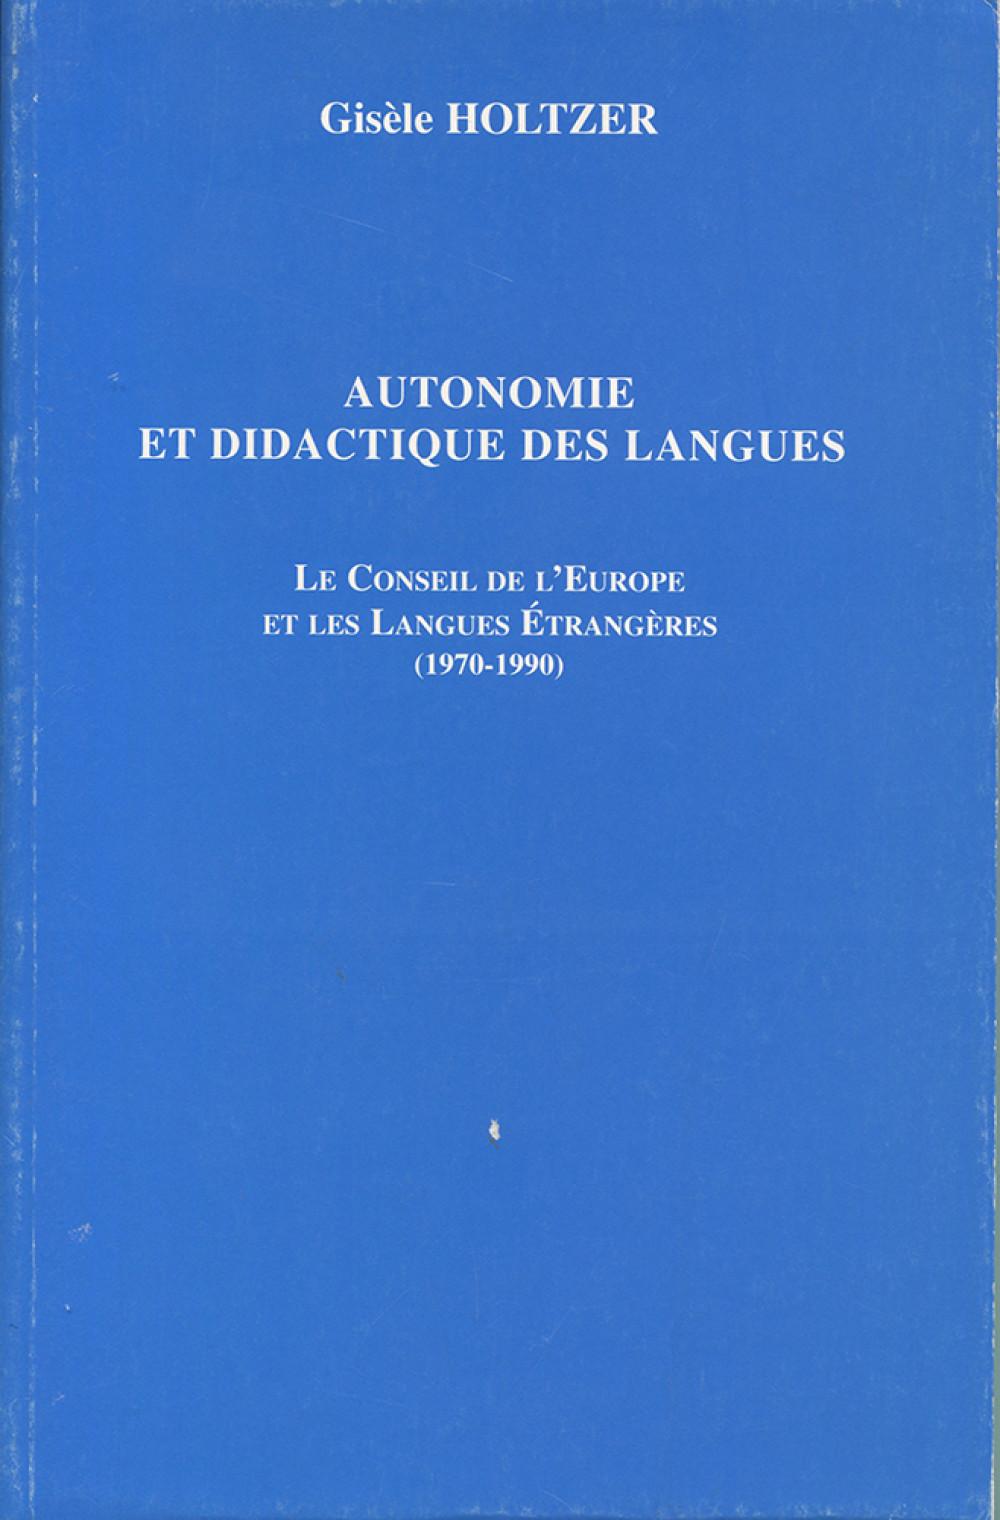 Autonomie et didactique des langues